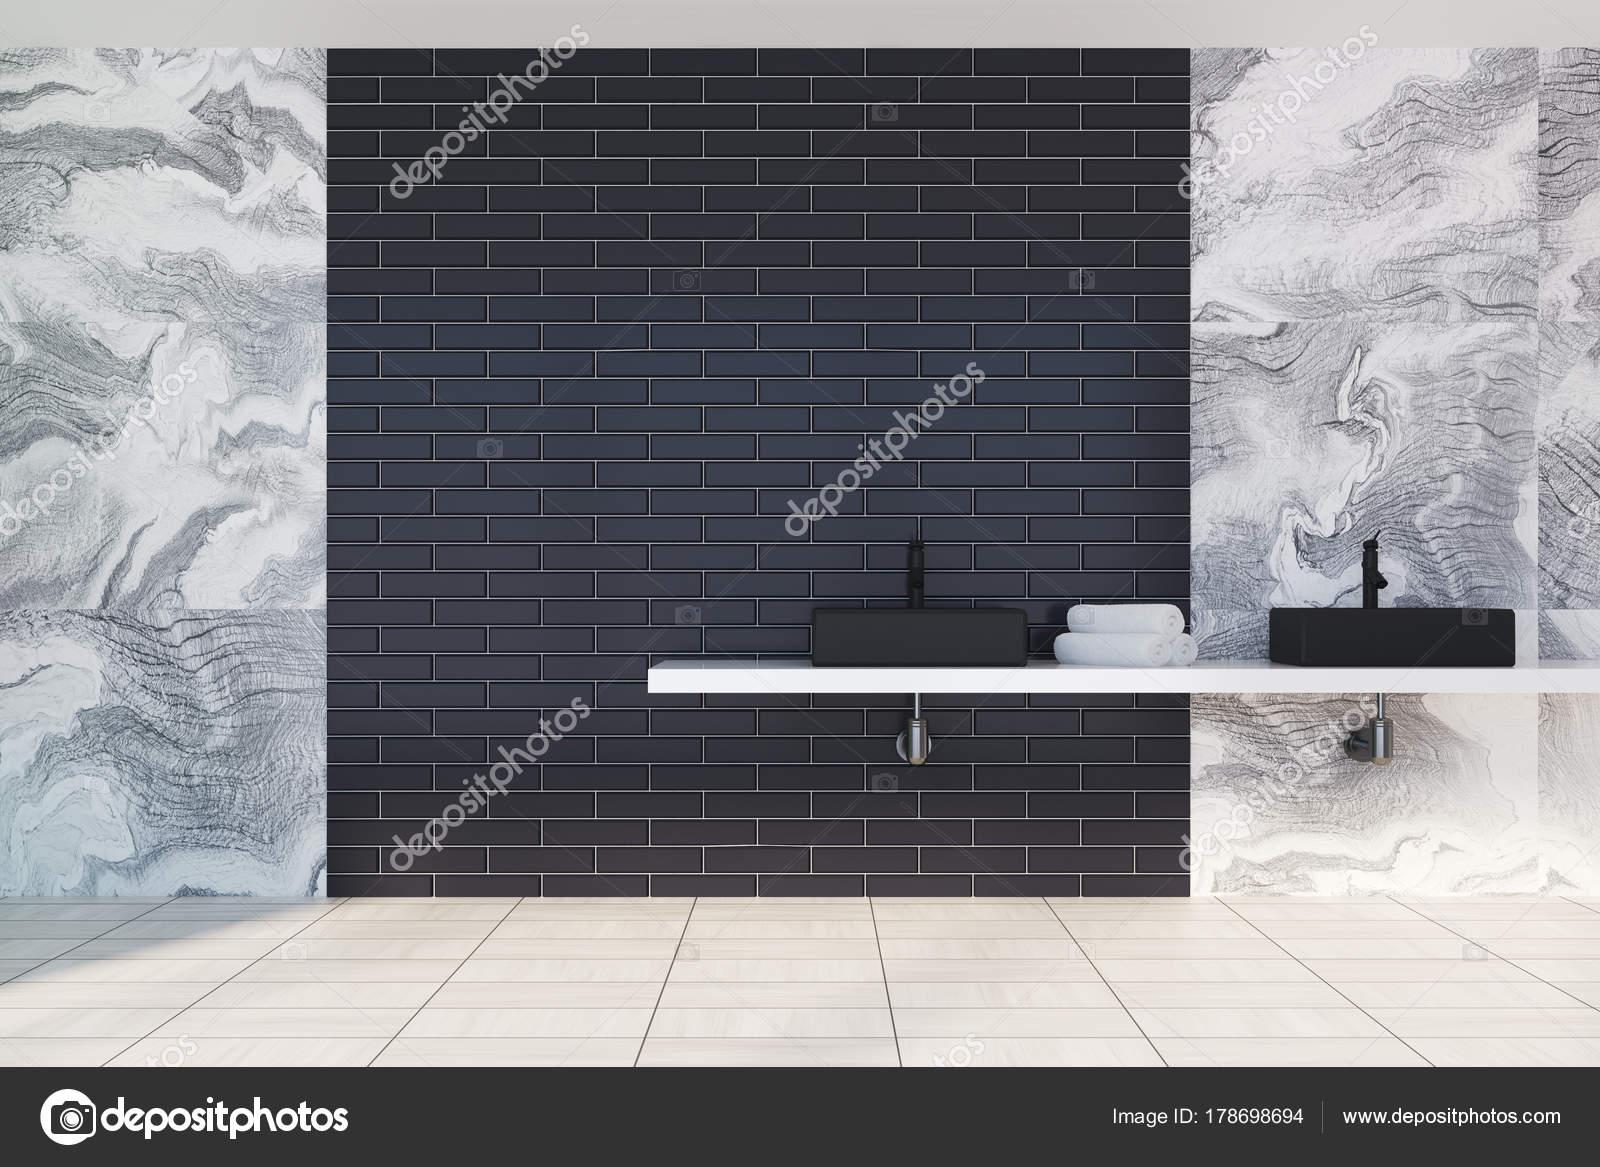 Likeable Badezimmer Schwarz Reference Of Grauer Marmor Interieur Mit Schwarzen Ziegeln Wandschmuck,